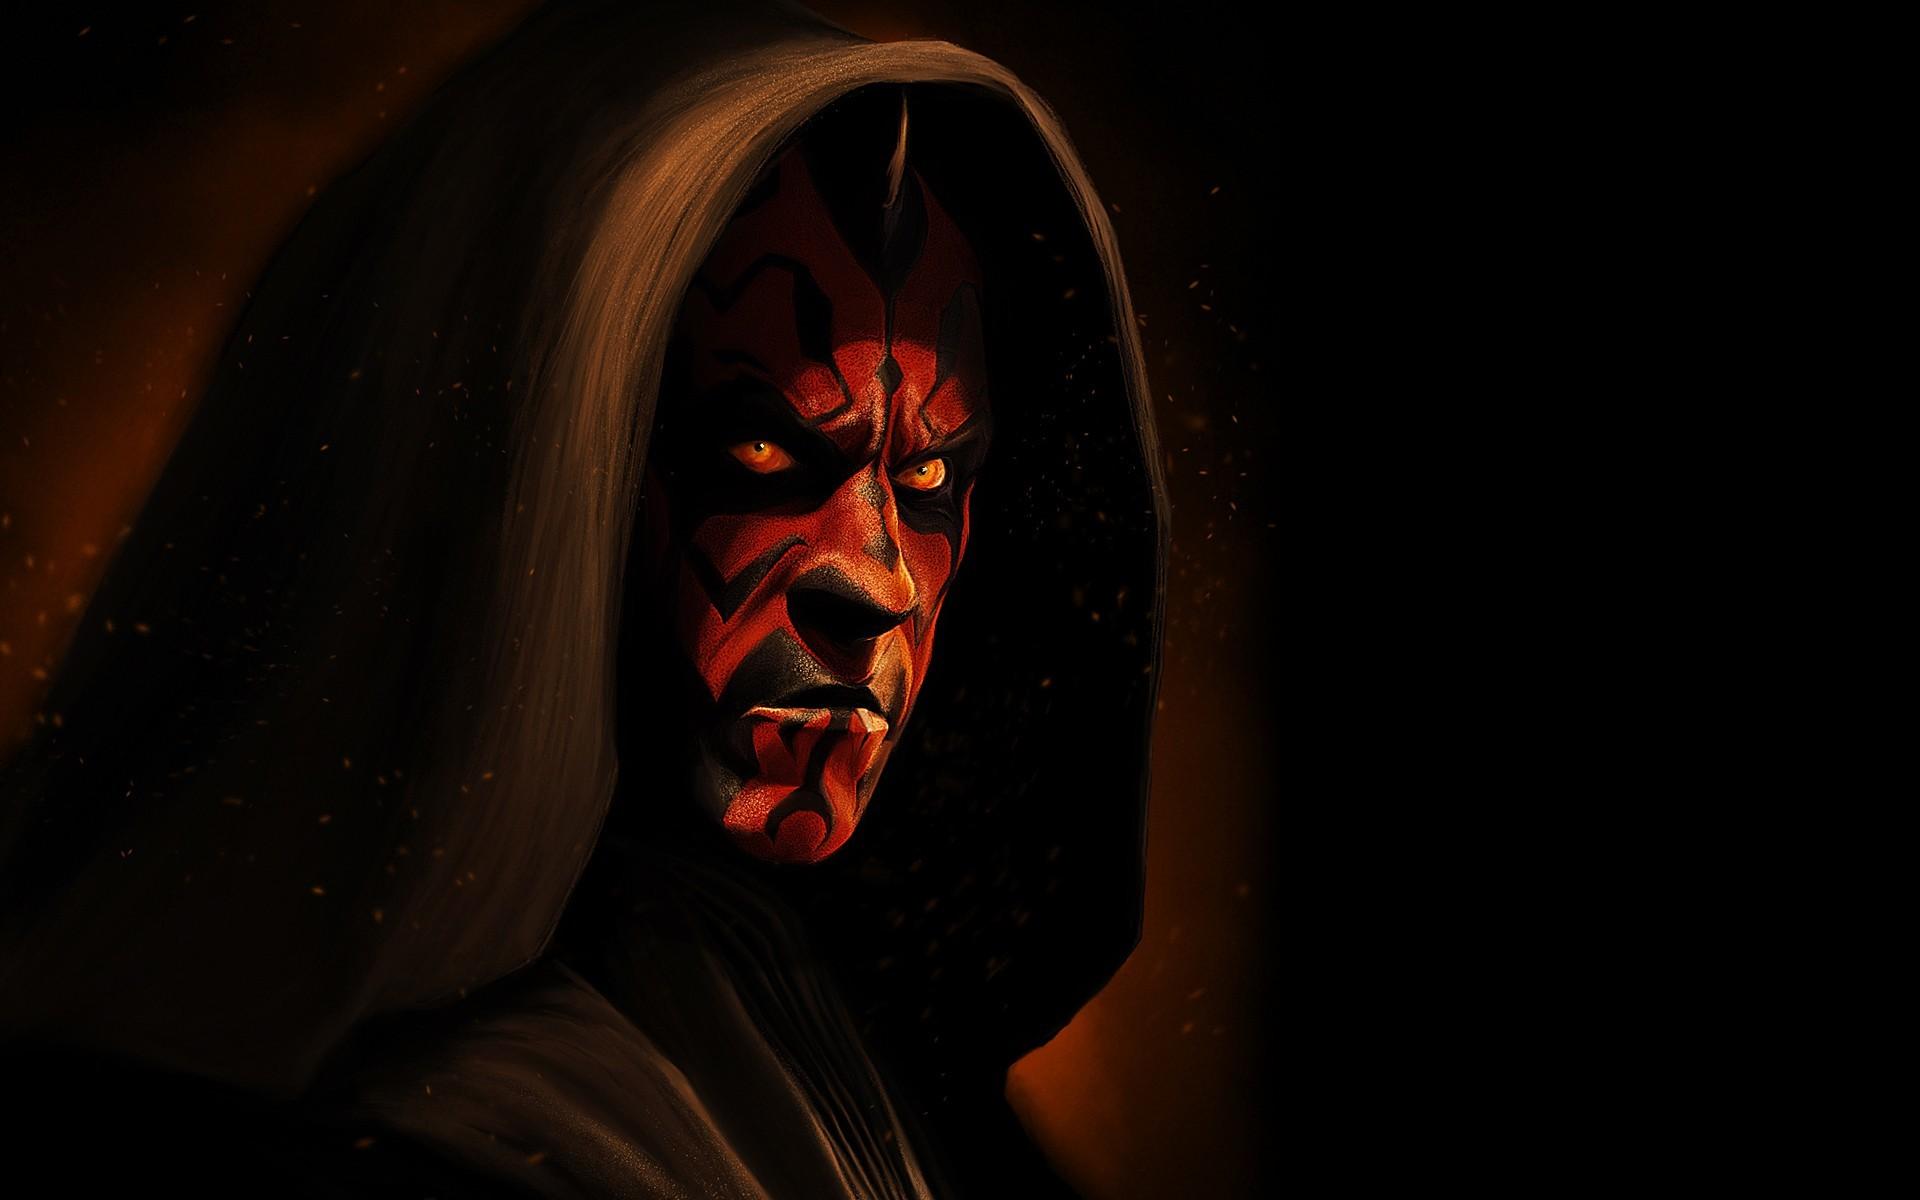 General fantasy art Star Wars